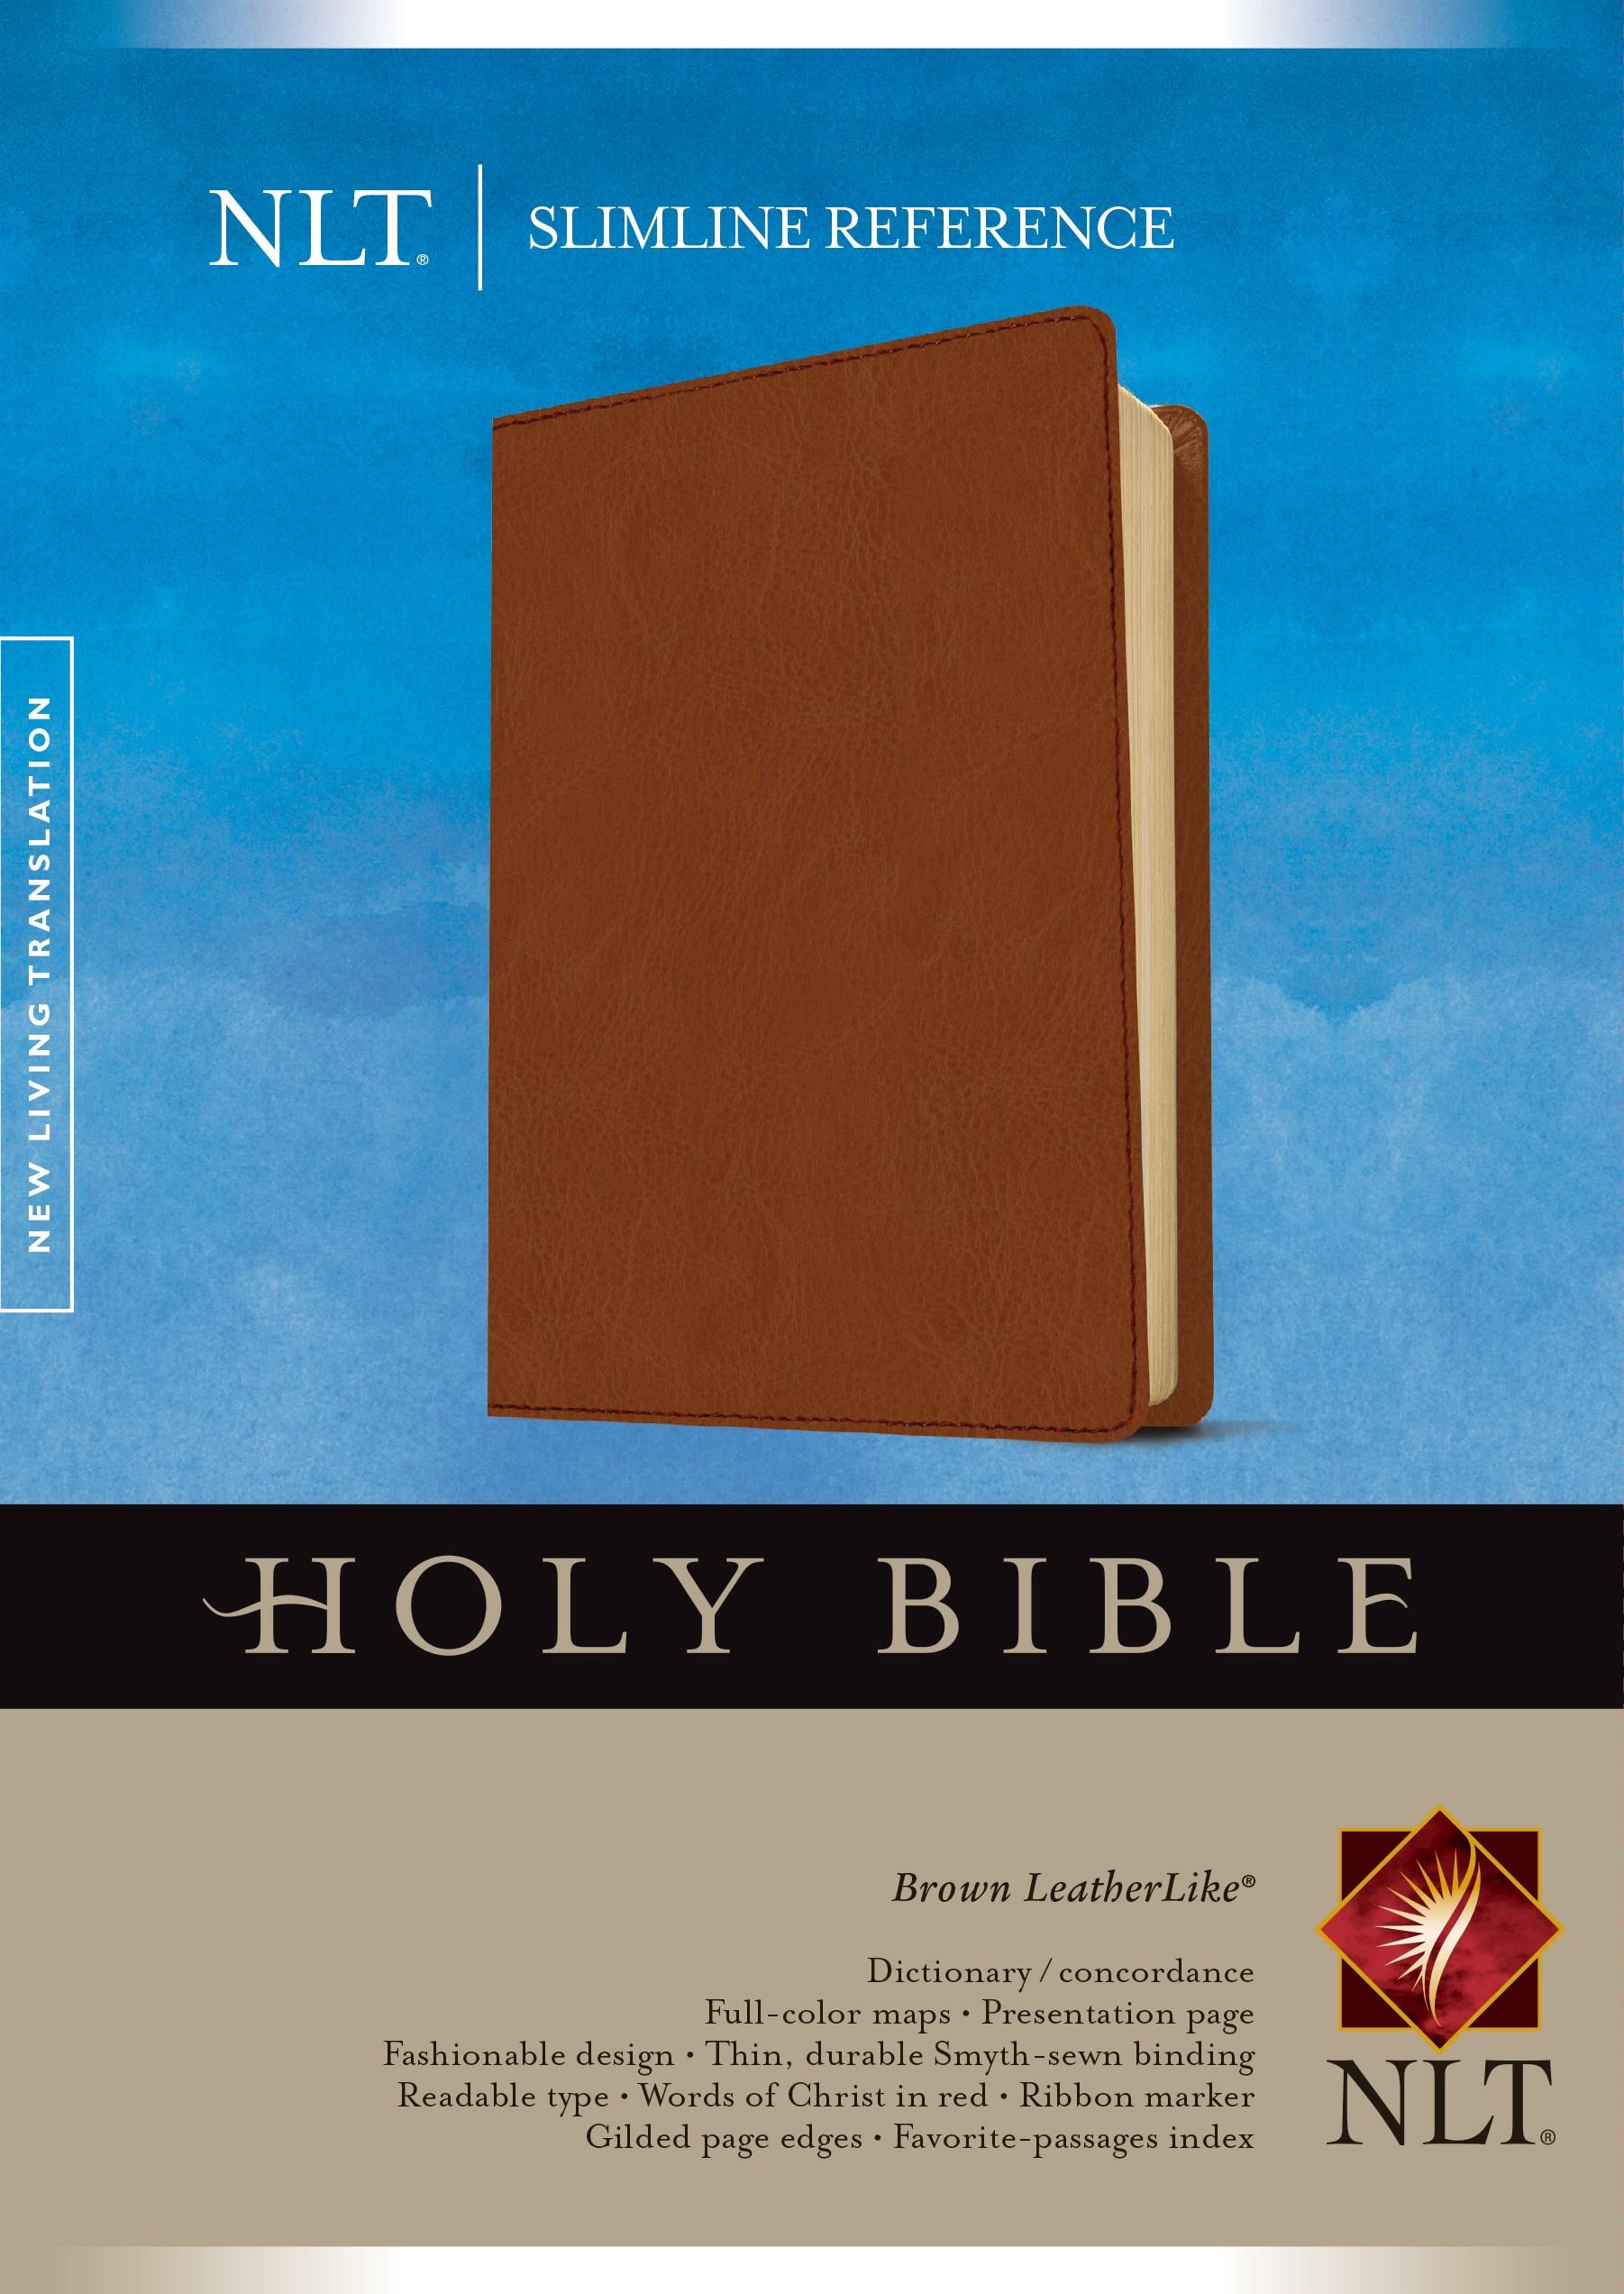 NLT Slimline Reference Bible-Brown LeatherLike